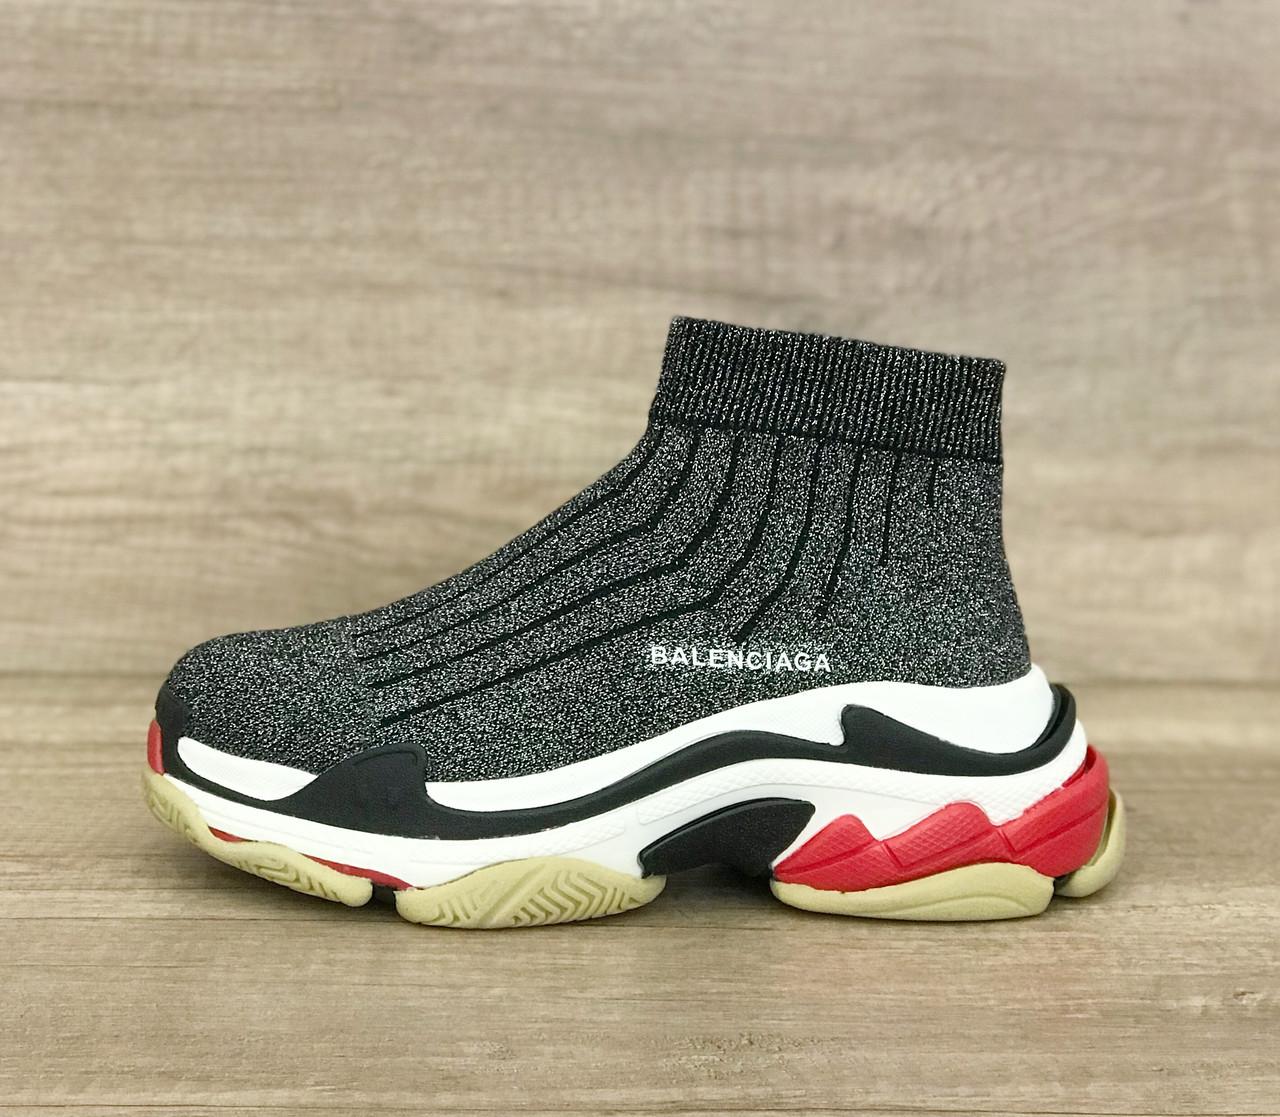 050ed821 Мужские кроссовки-носки Баленсиага с подошвой Трипл С, серый люрекс -  LUXBOOTS.COM